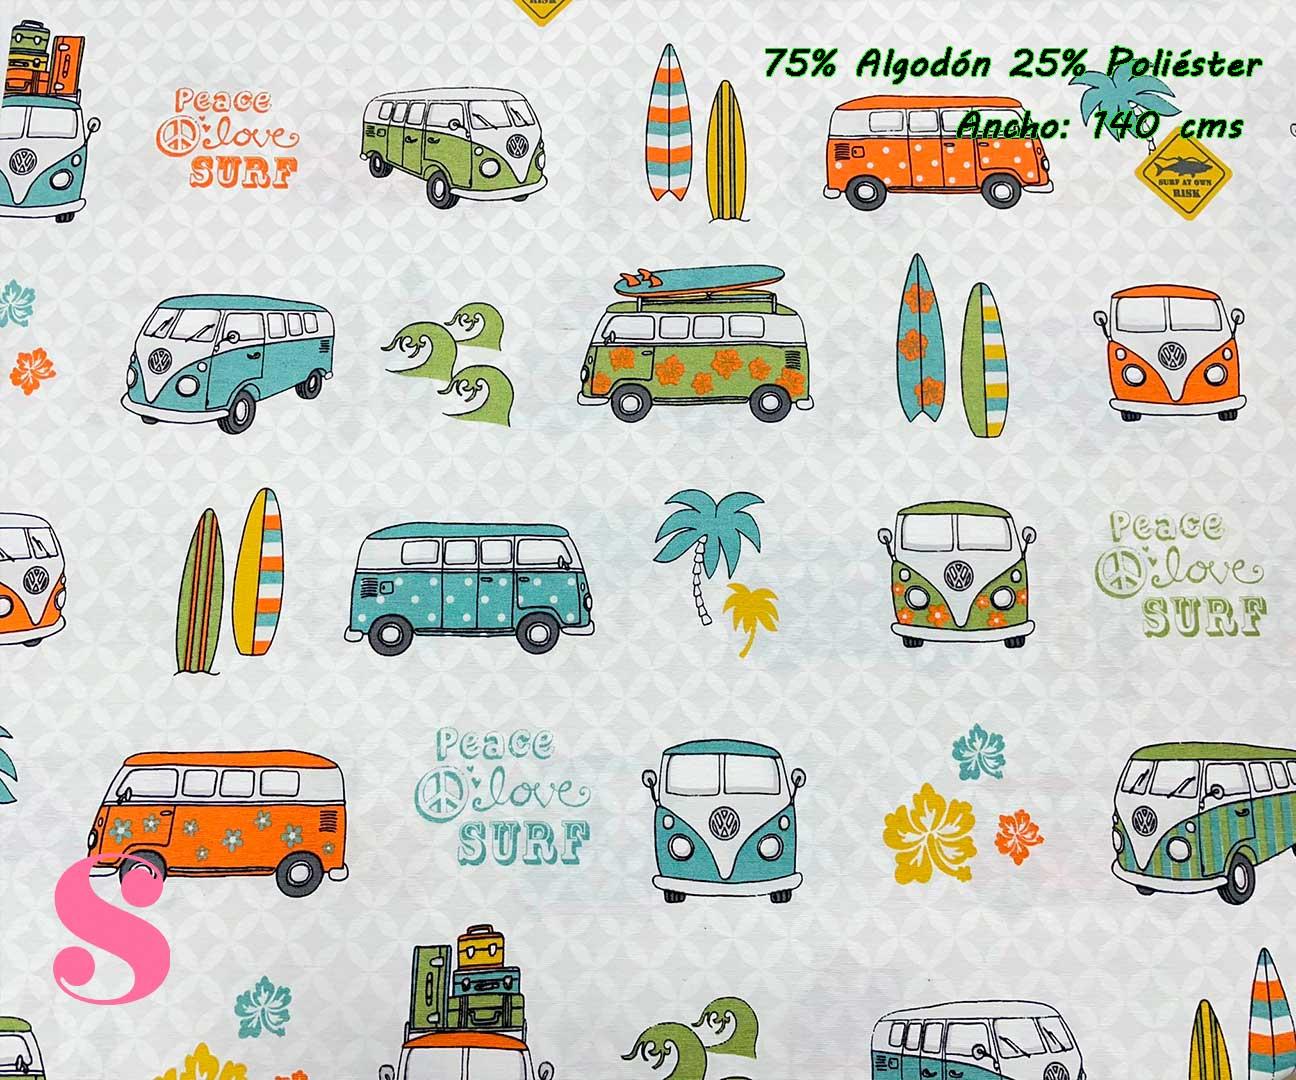 1-telas-de-verano,-telas-de-exterior,-telas-de-loneta-por-metros,-telas-duras,-telas-de-amor-con-alma,telas-con-alma-y-amor,Loneta Estampada Wolkswagen Peace Love Surf,Half Panamá Wolkswagen Peace Love Surf